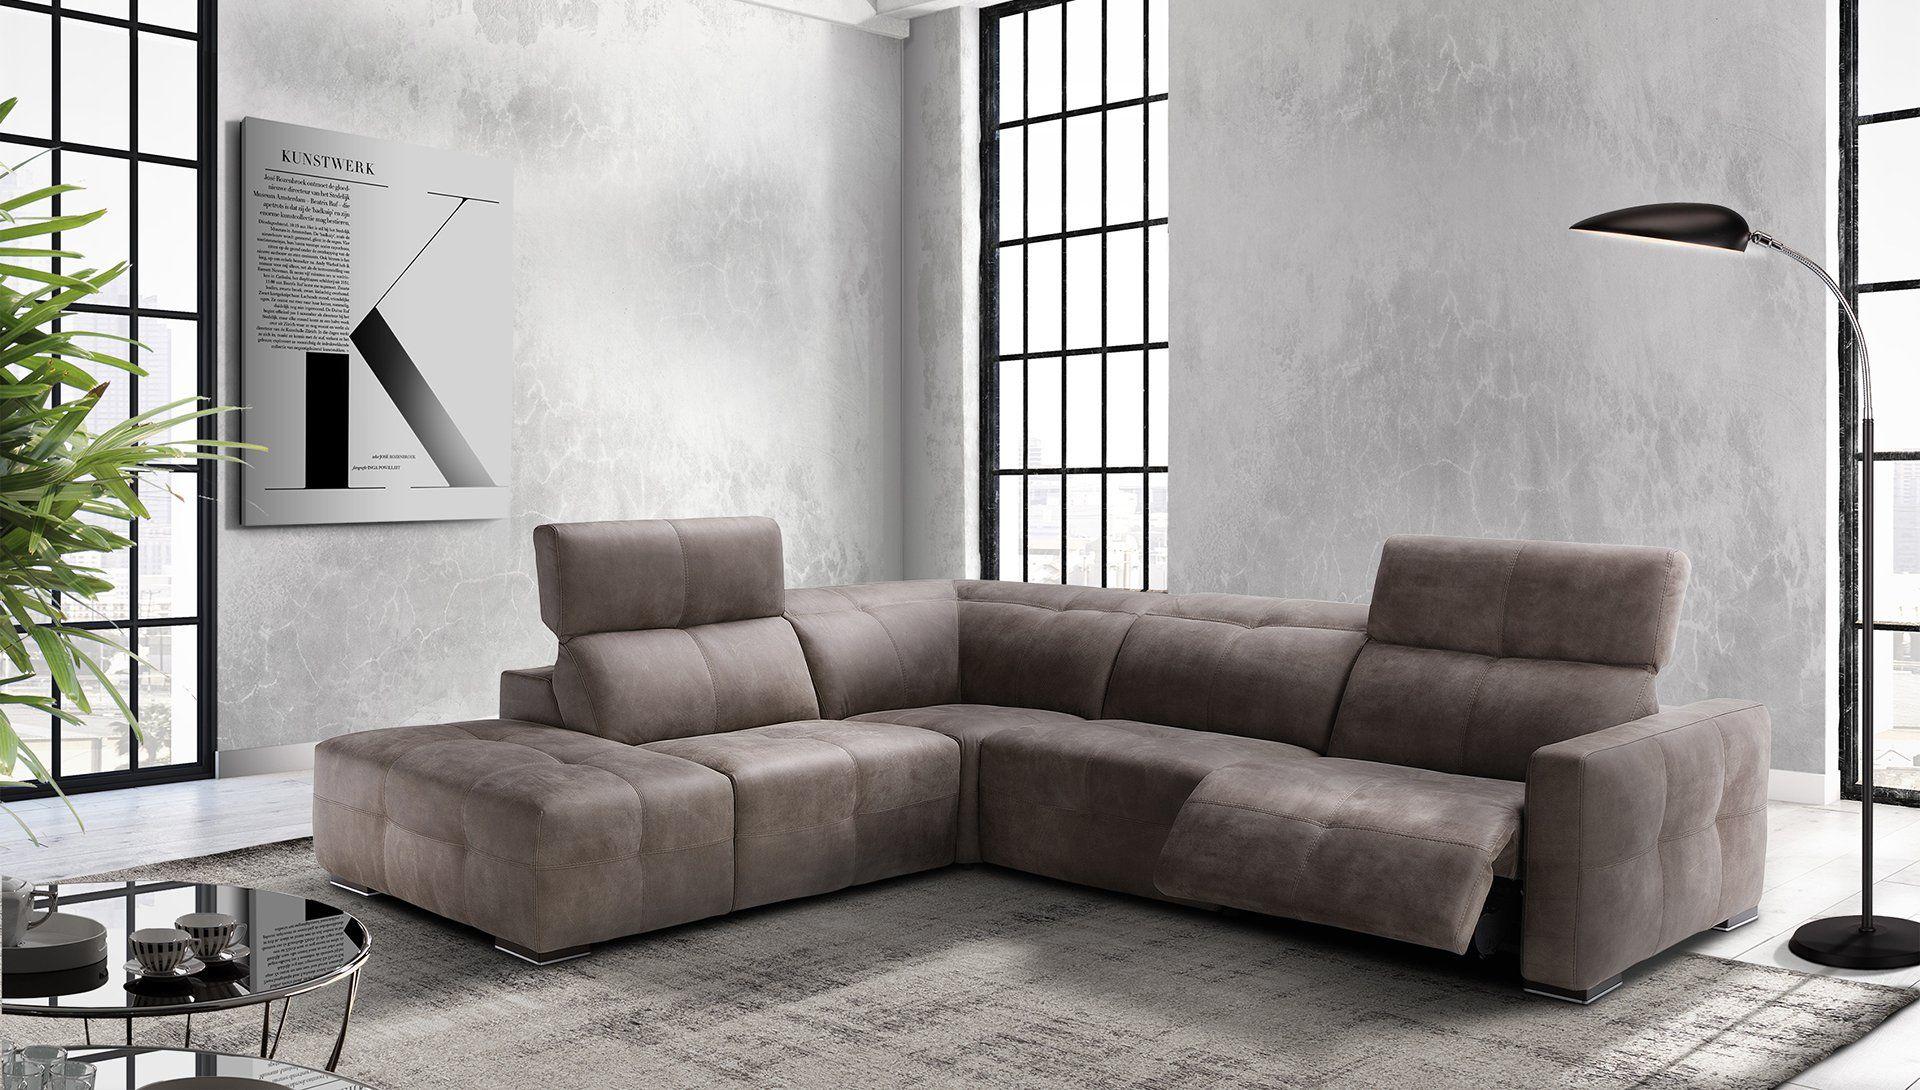 Модульный диван-реклайнер Sunset | Диван из ткани, Угловой ...